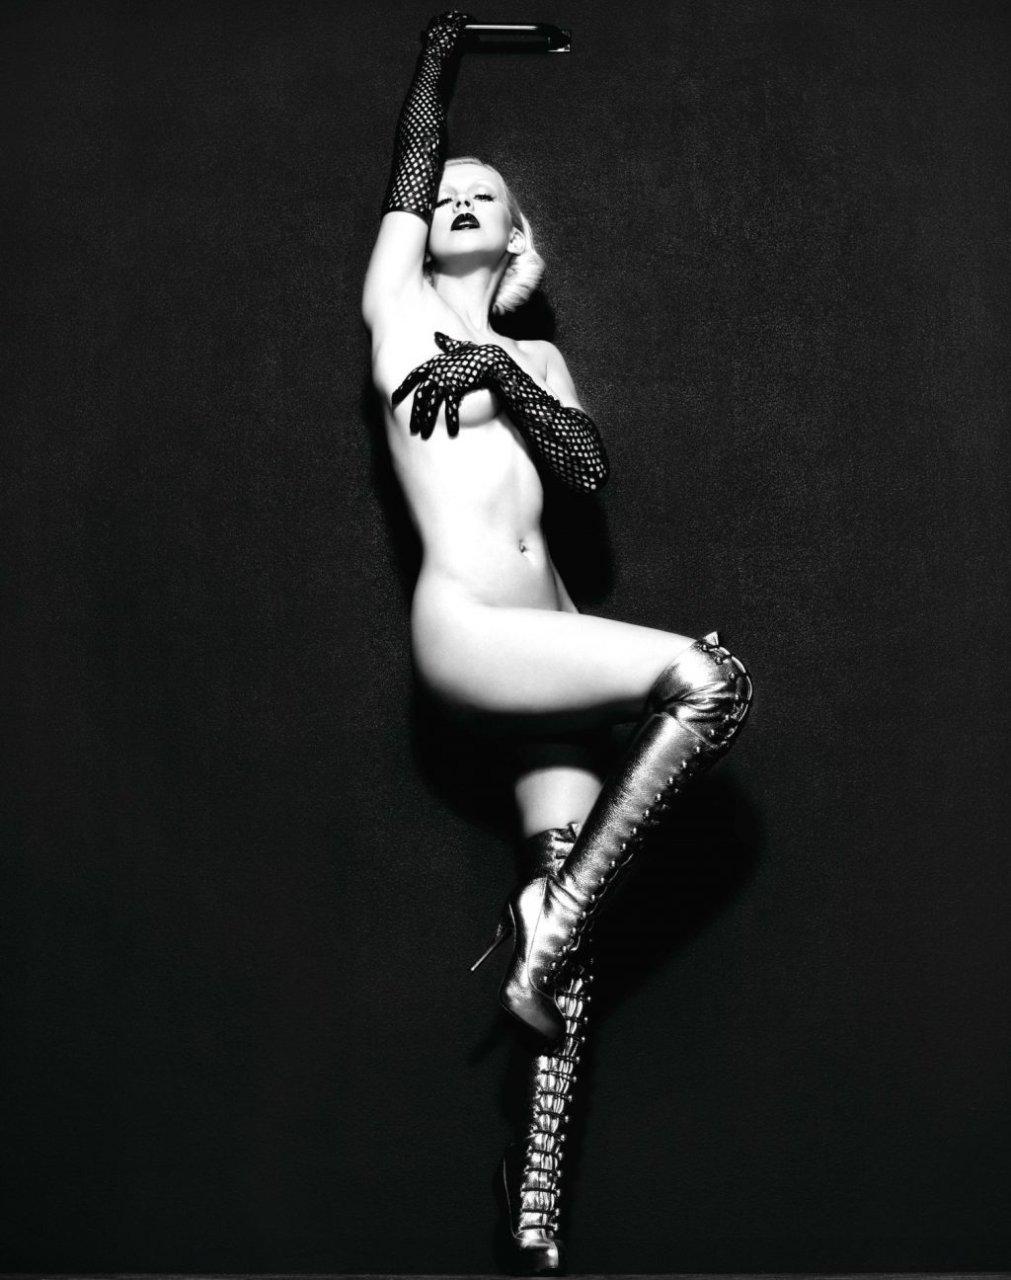 Christina aguilera strumpf nackt